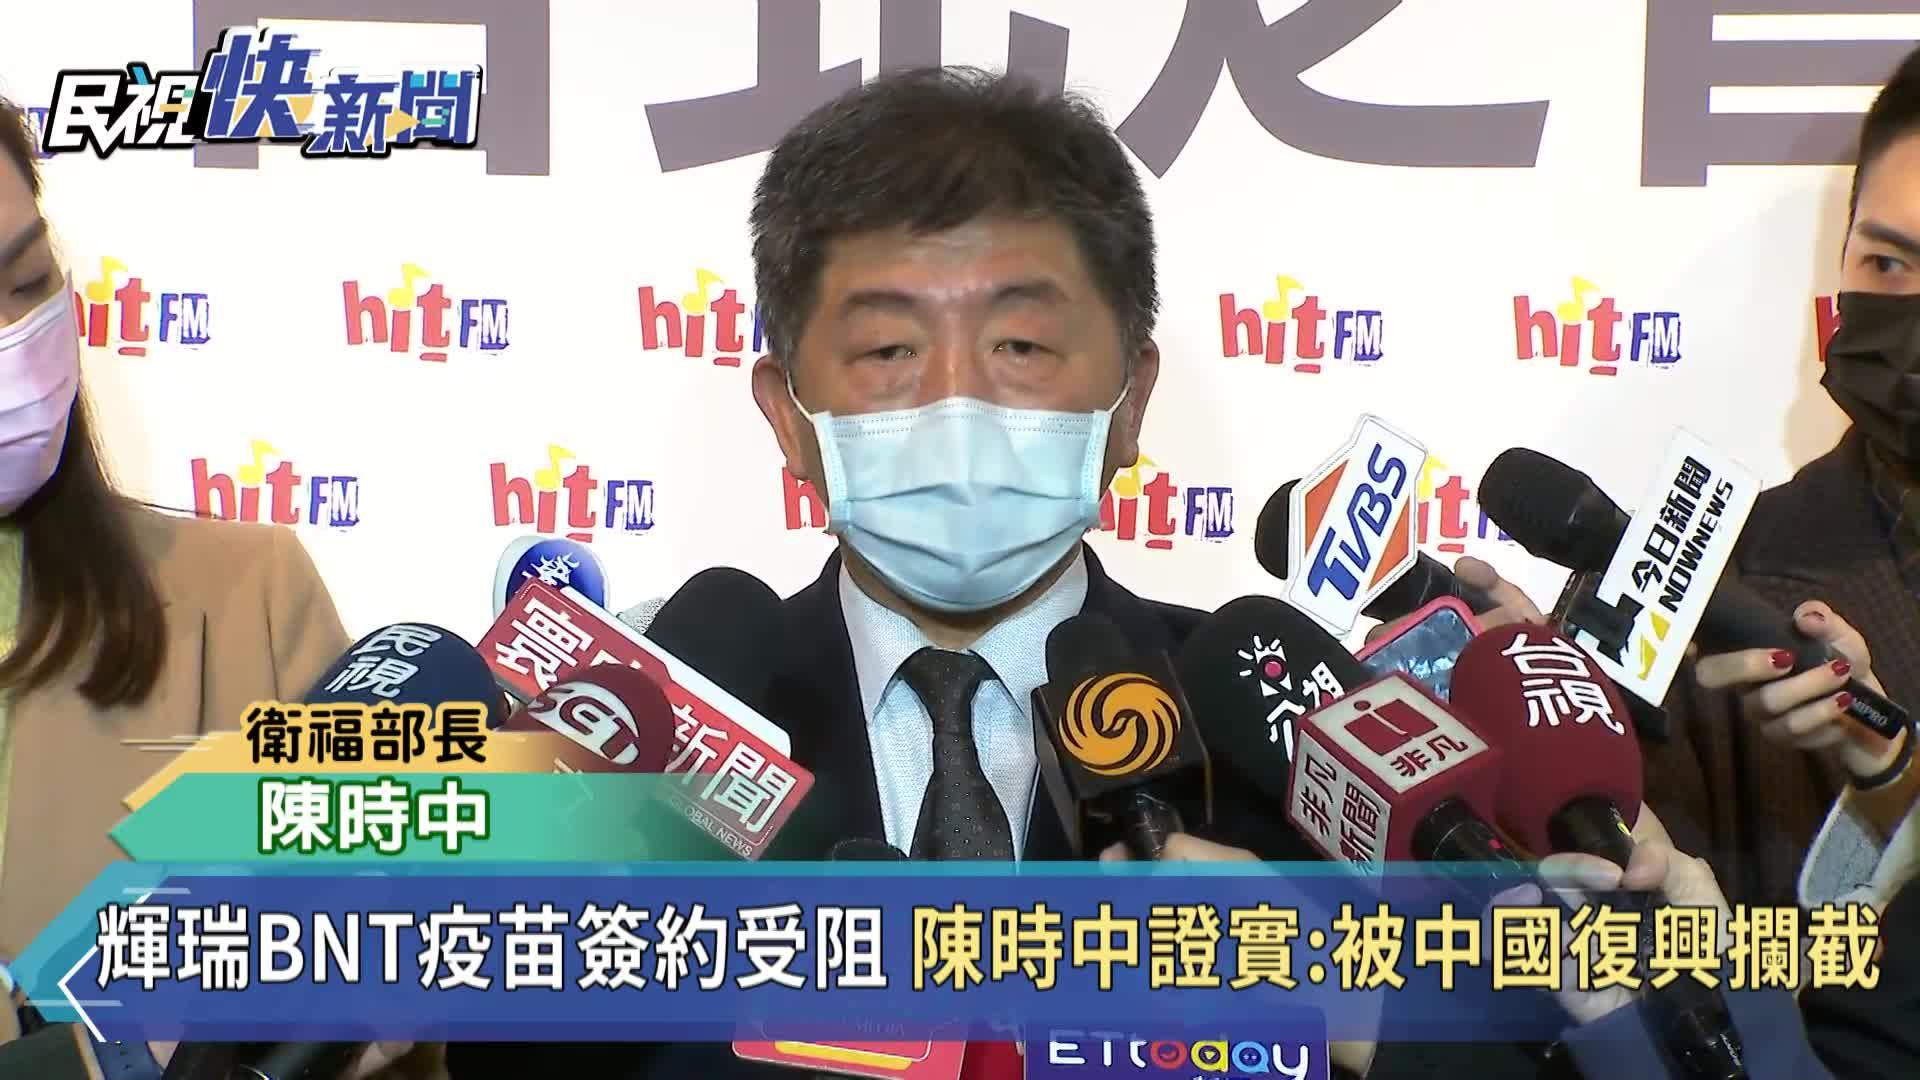 快新聞/500萬劑BNT疫苗遭中國攔截! 陳時中首度證實:我有苦難言